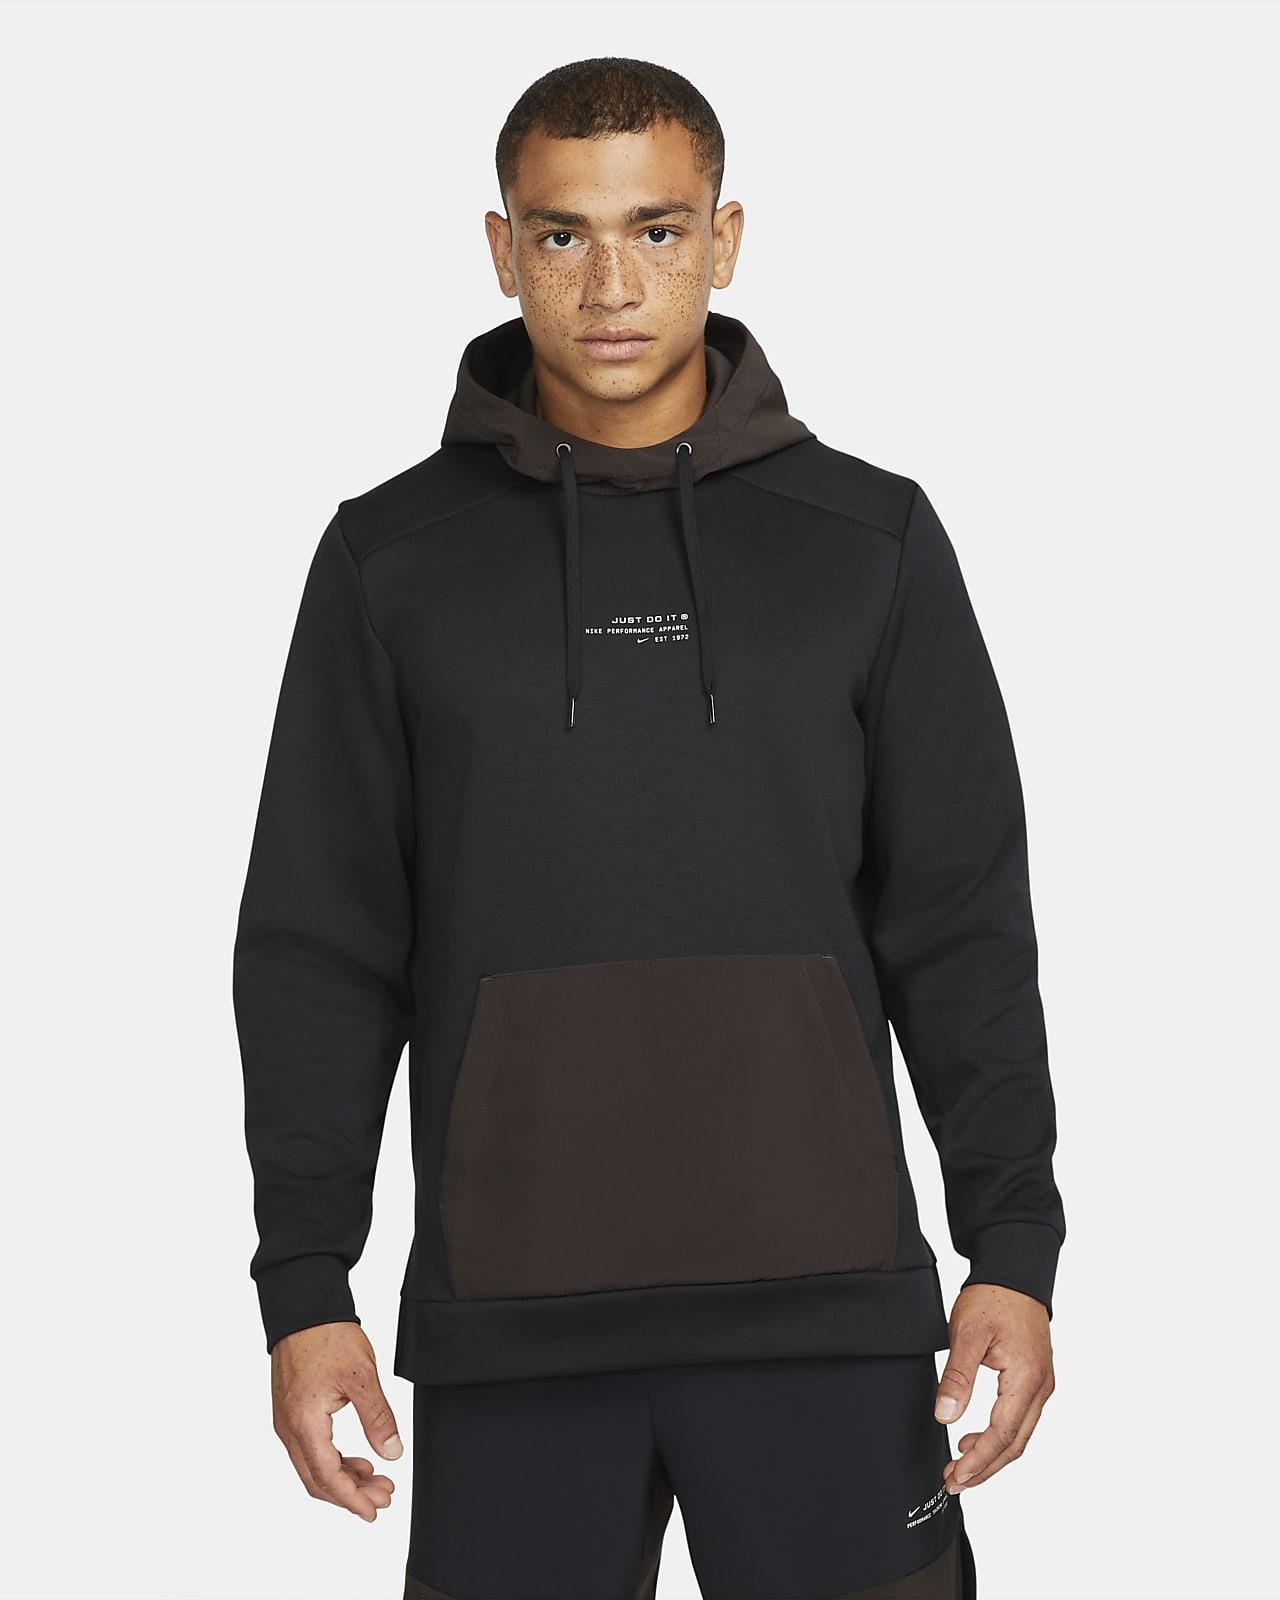 Hoodie pullover de treino em lã cardada Nike Dri-FIT para homem